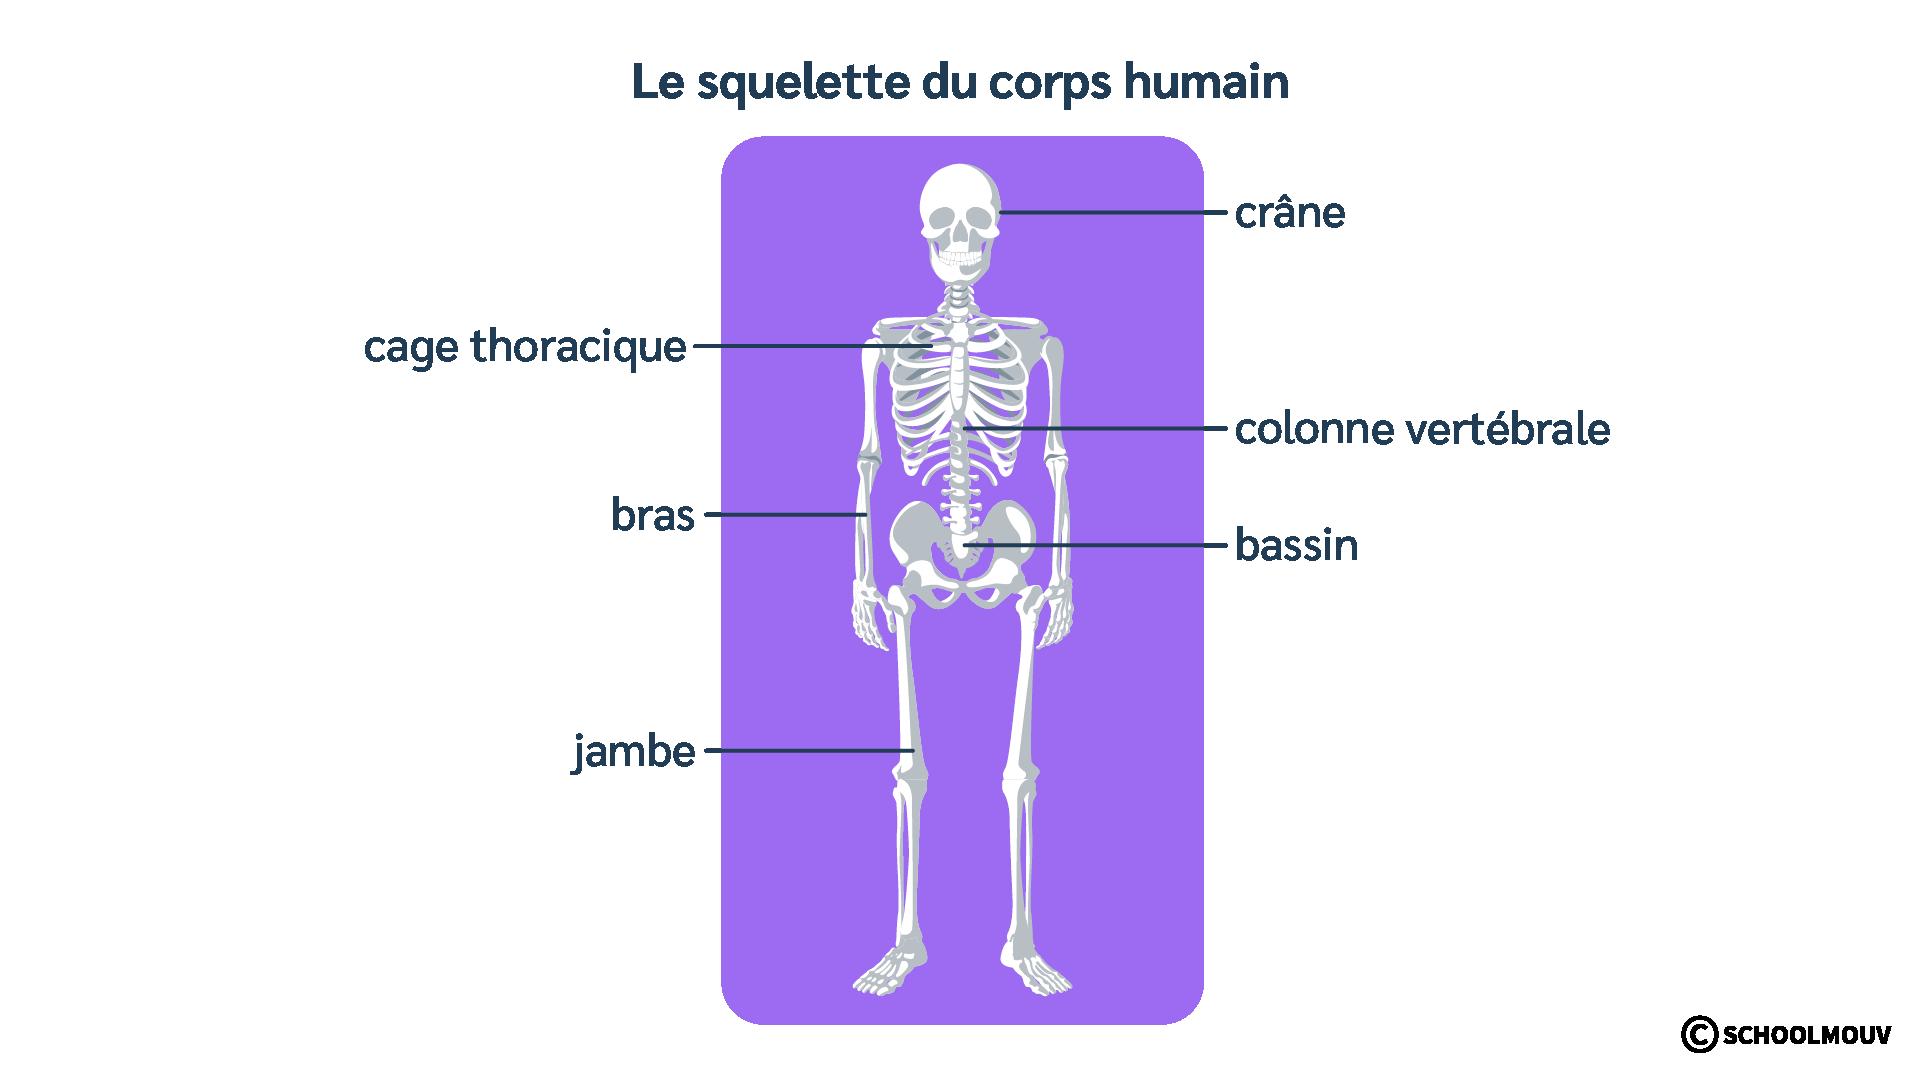 Squelette du corps humain - Os - Schéma - SchoolMouv - Sciences - CE2